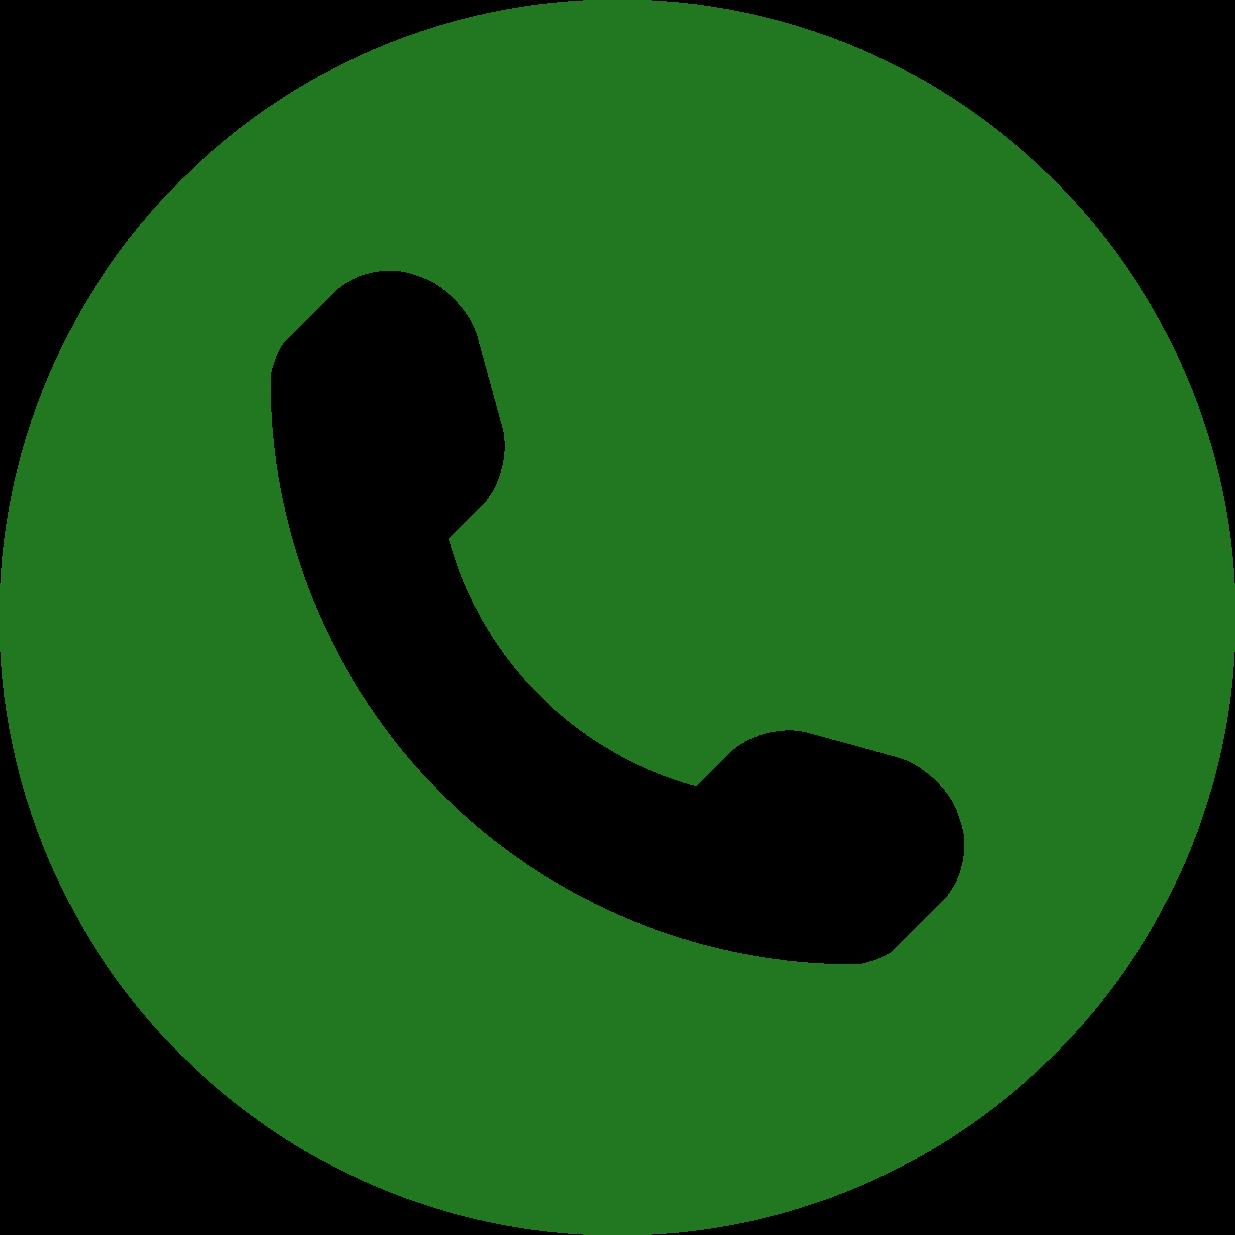 Telefon grøn